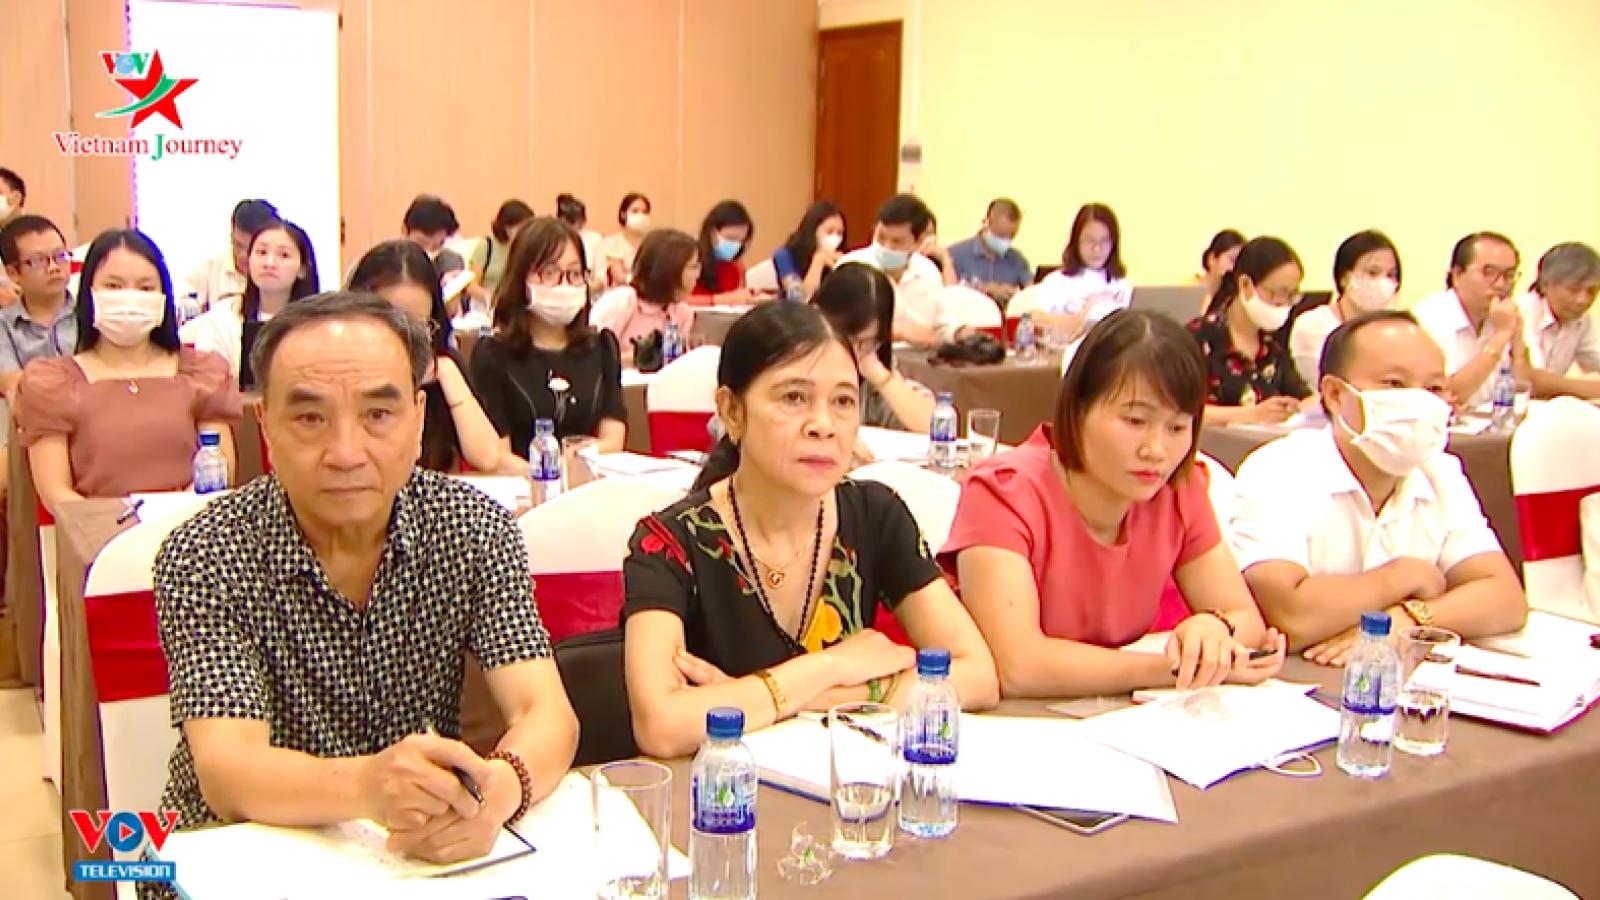 Tổng Giám đốc VOV dự lớp bồi dưỡng nâng cao trình độ lý luận, phê bình VNHT